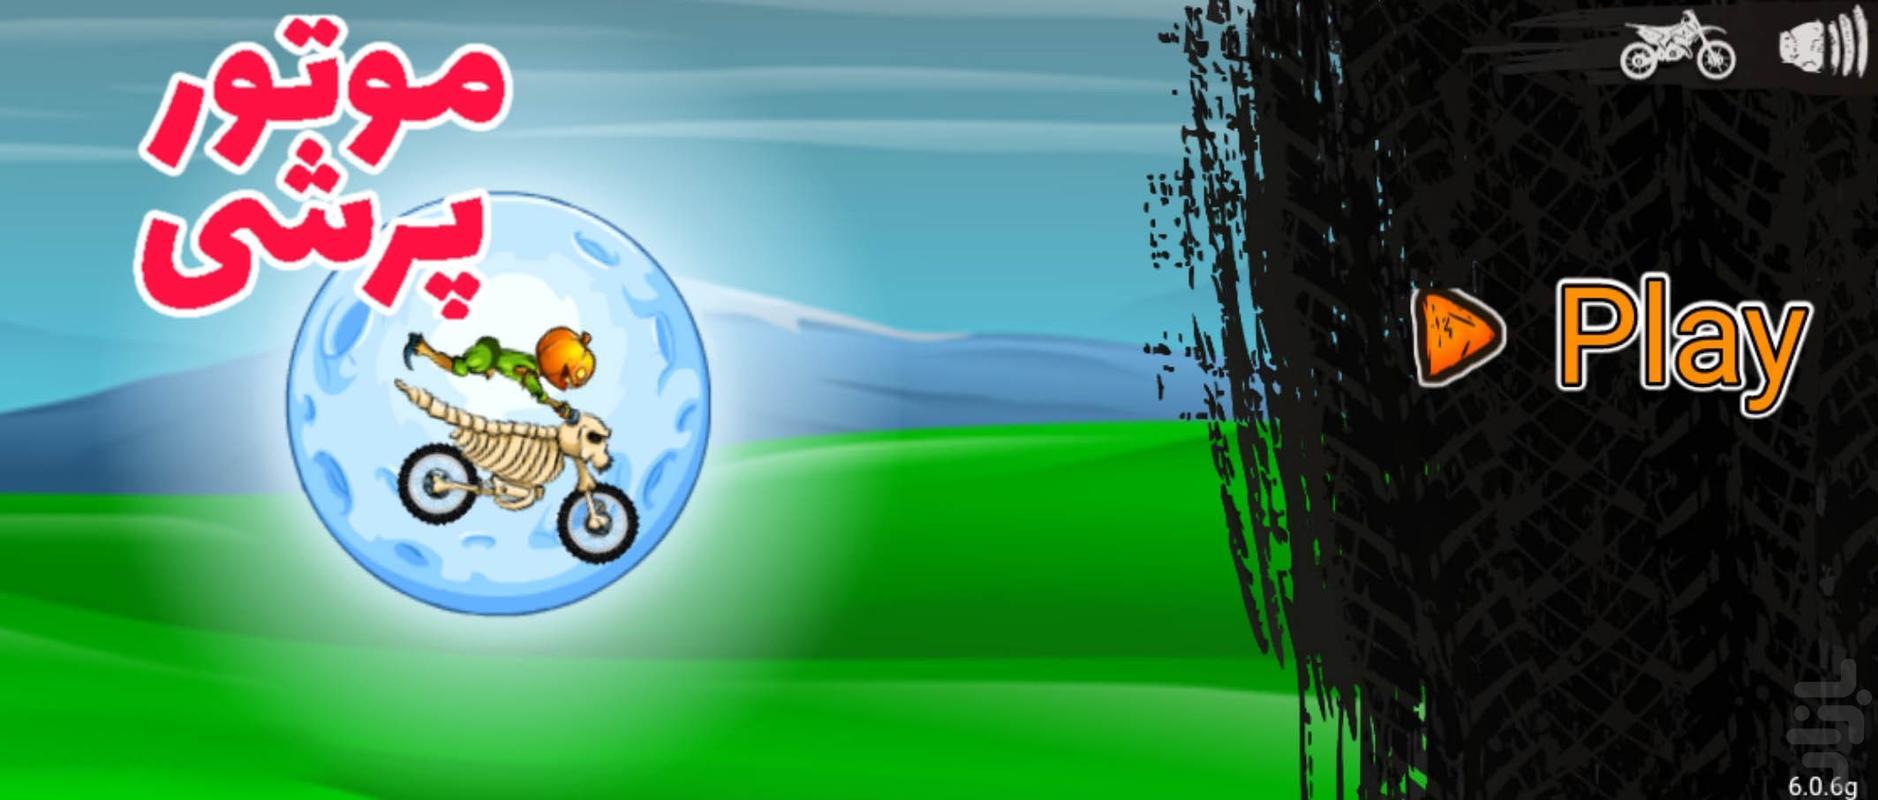 موتور پرشی - عکس بازی موبایلی اندروید